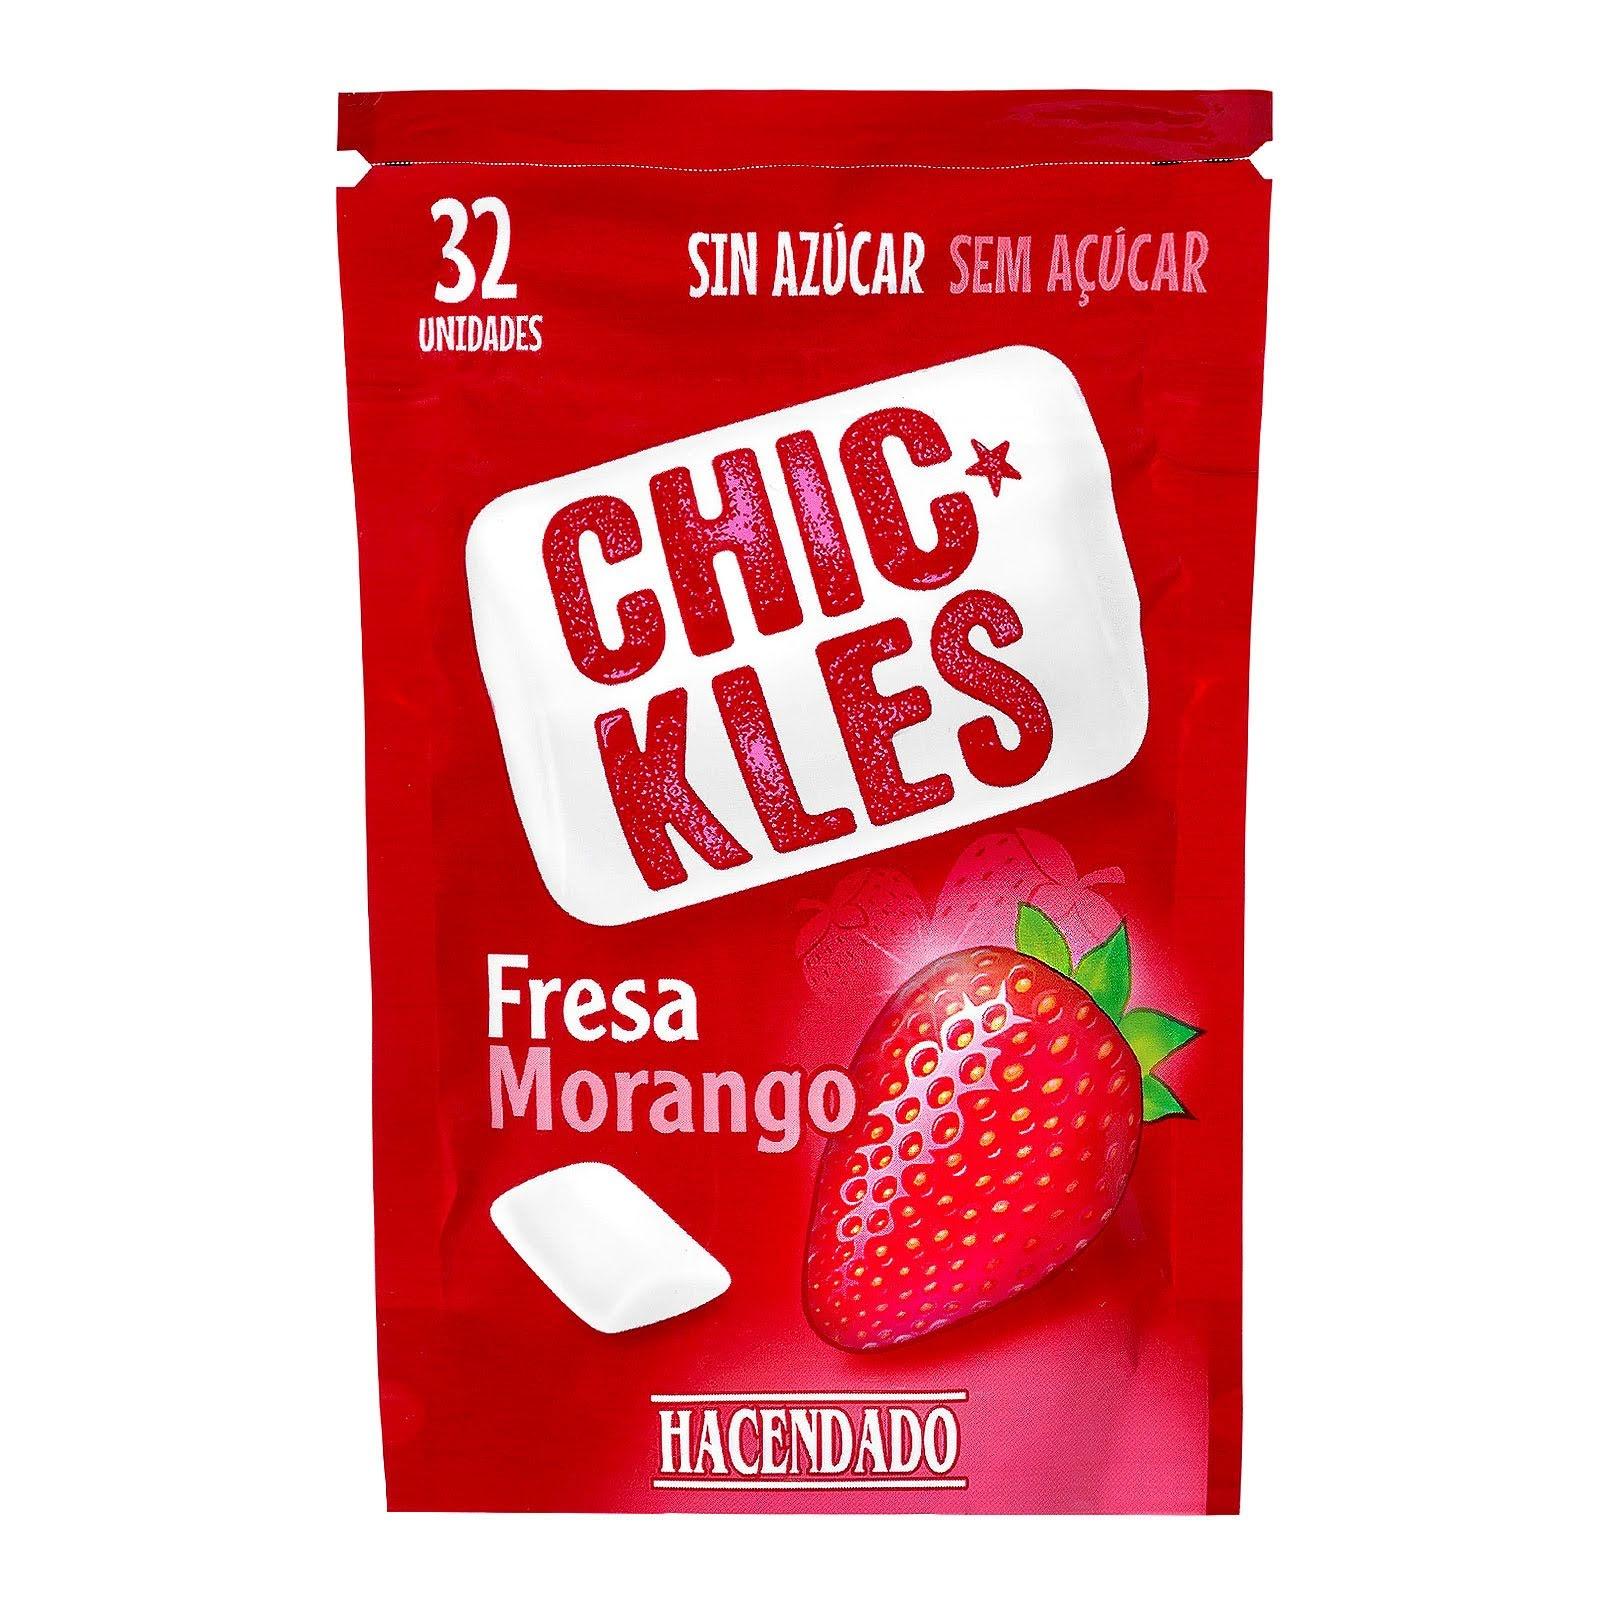 Chicles sin azúcar en grageas sabor fresa Chic-Kles Hacendado